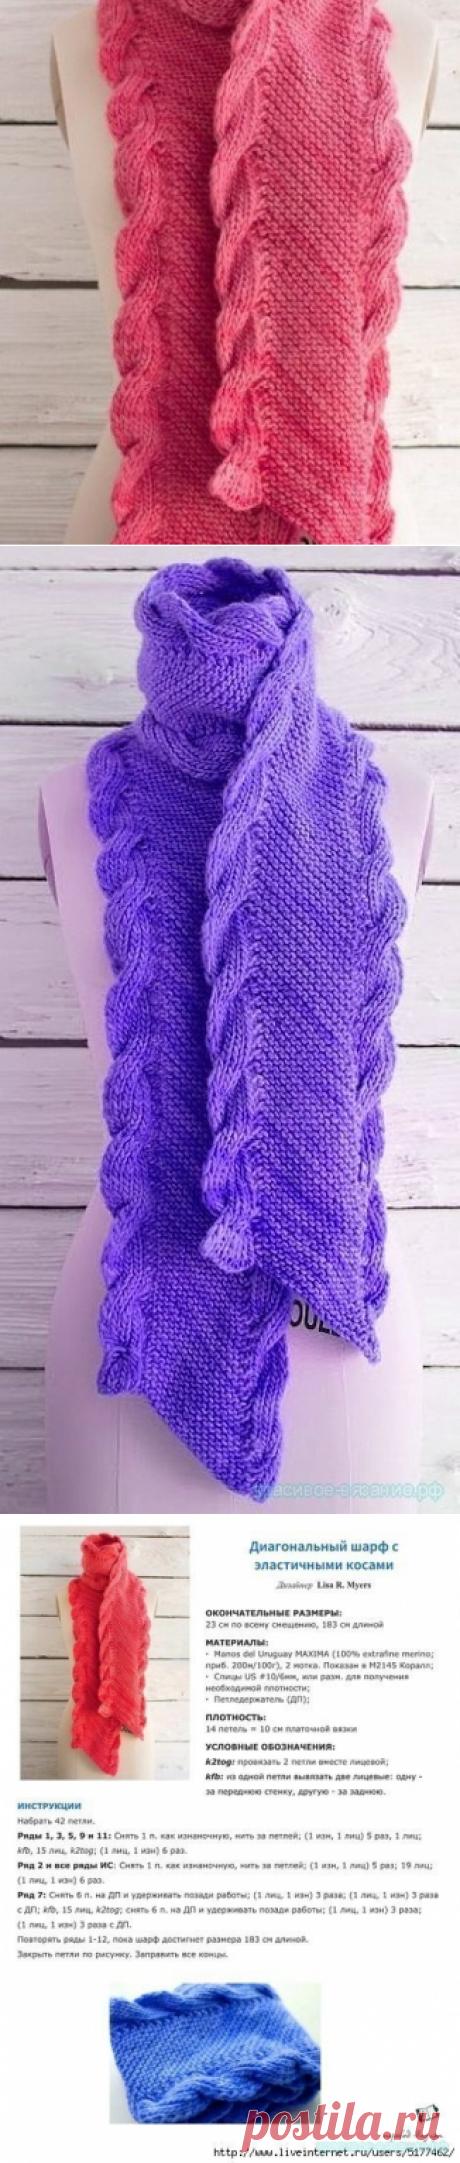 Красивое вязание | Вяжем шарф спицами